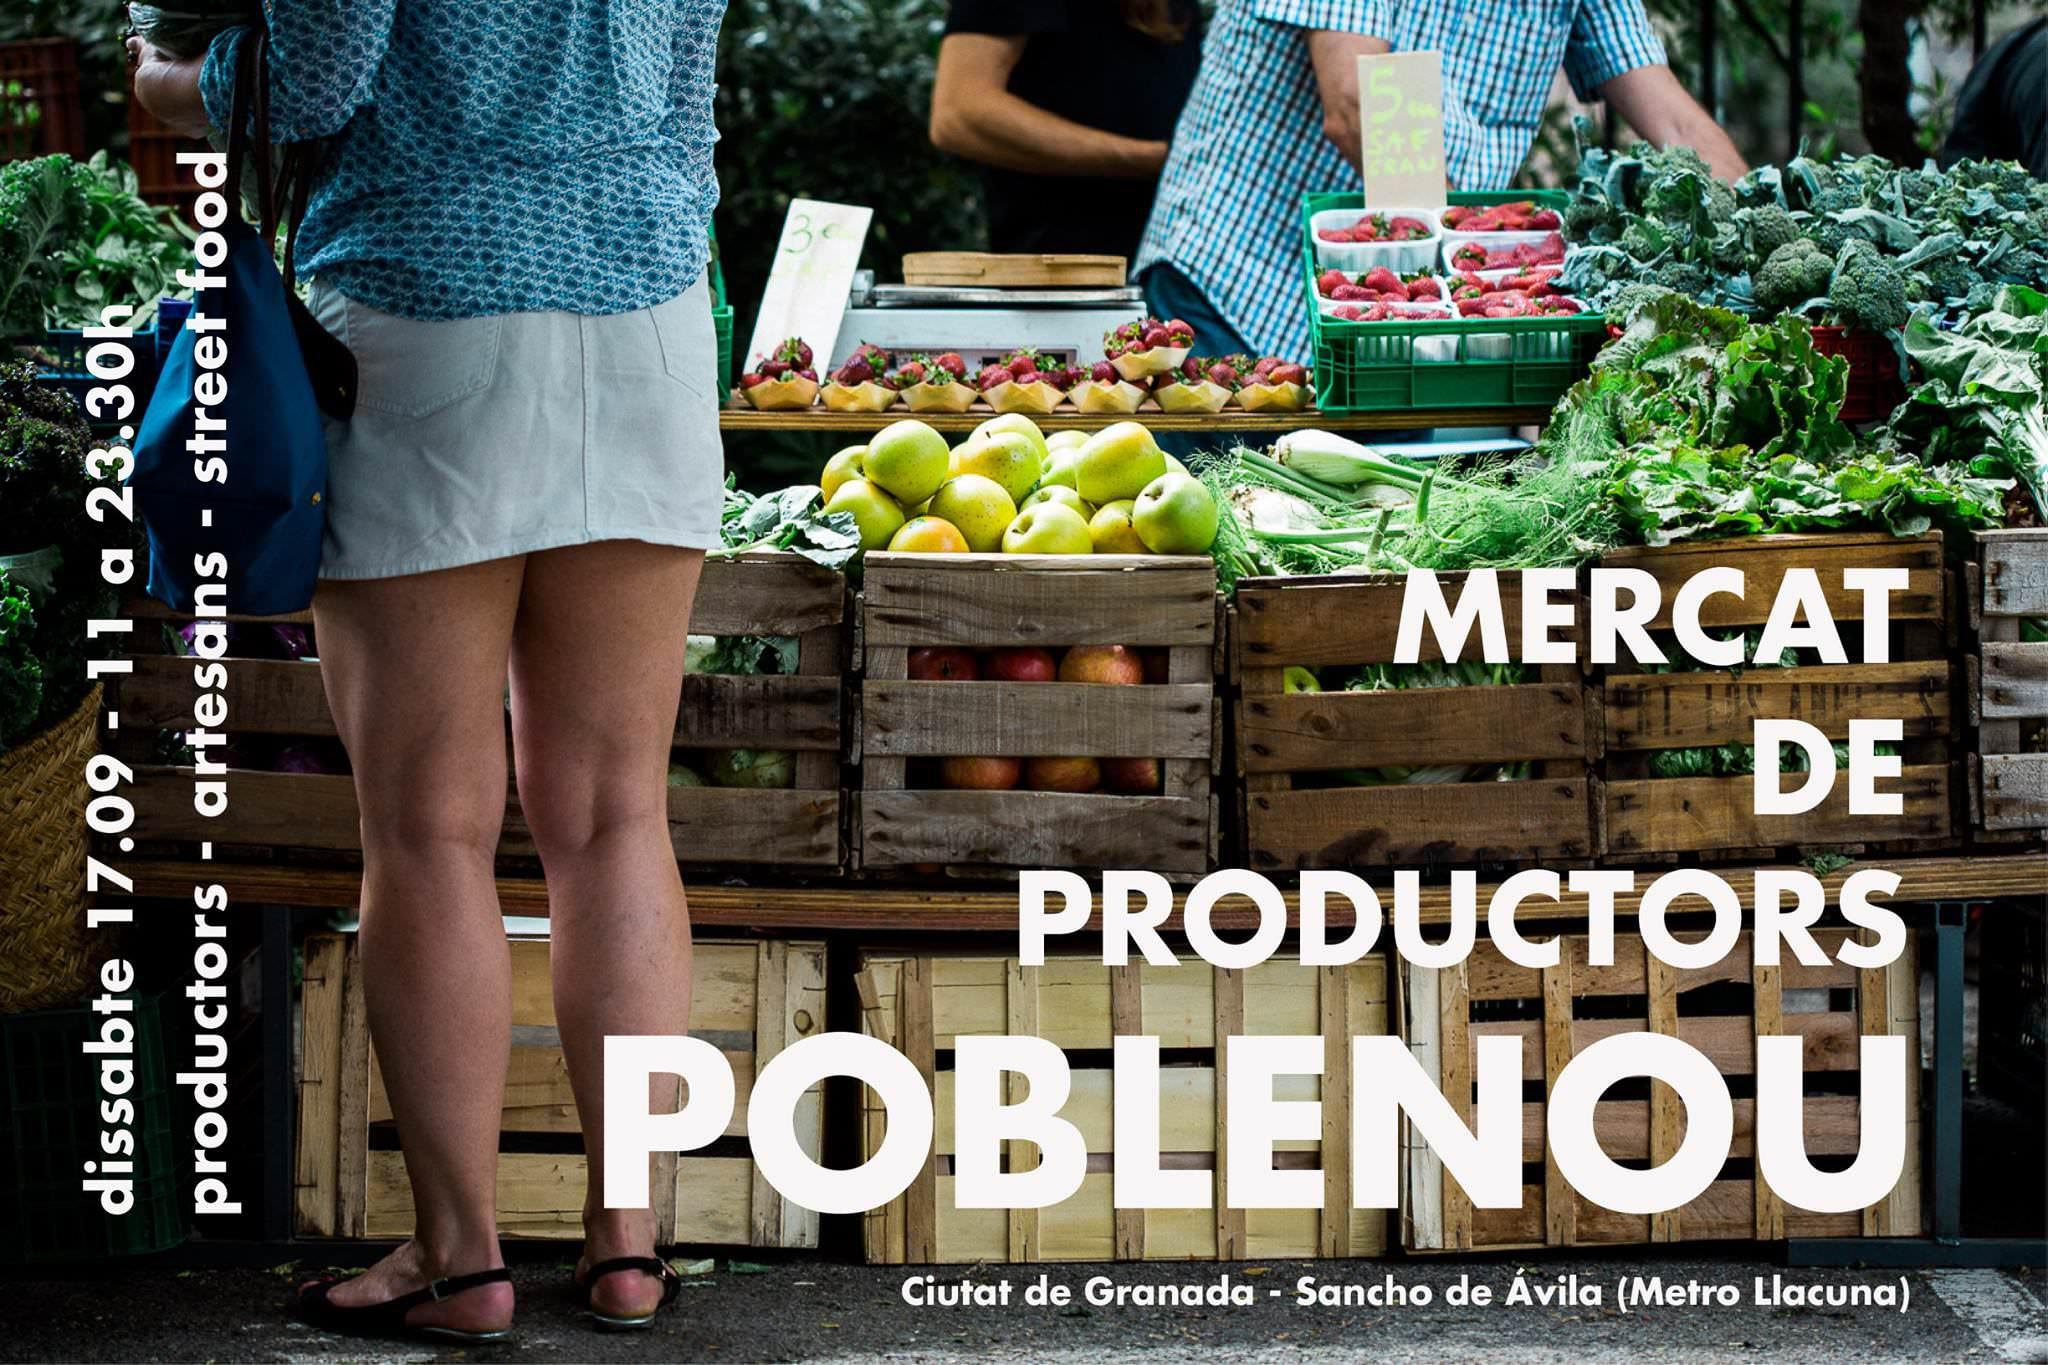 mercat de productors